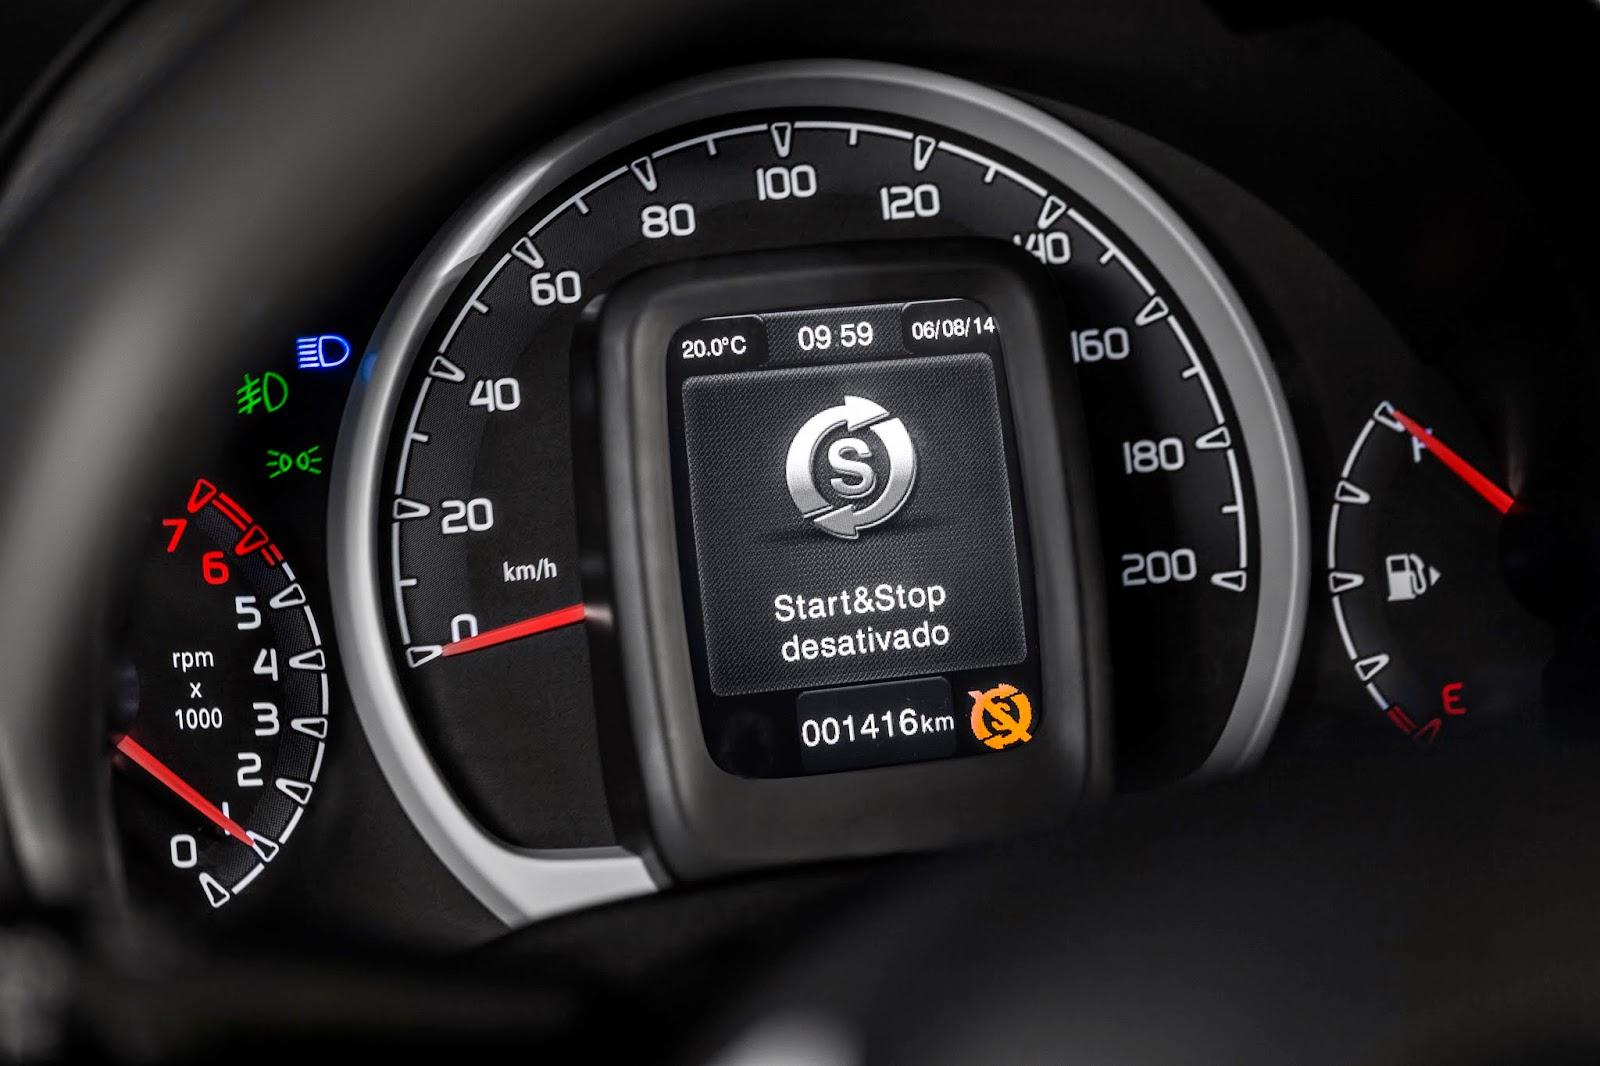 O Uno foi o primeiro modelo nacional a contar com a tecnologia start-stop